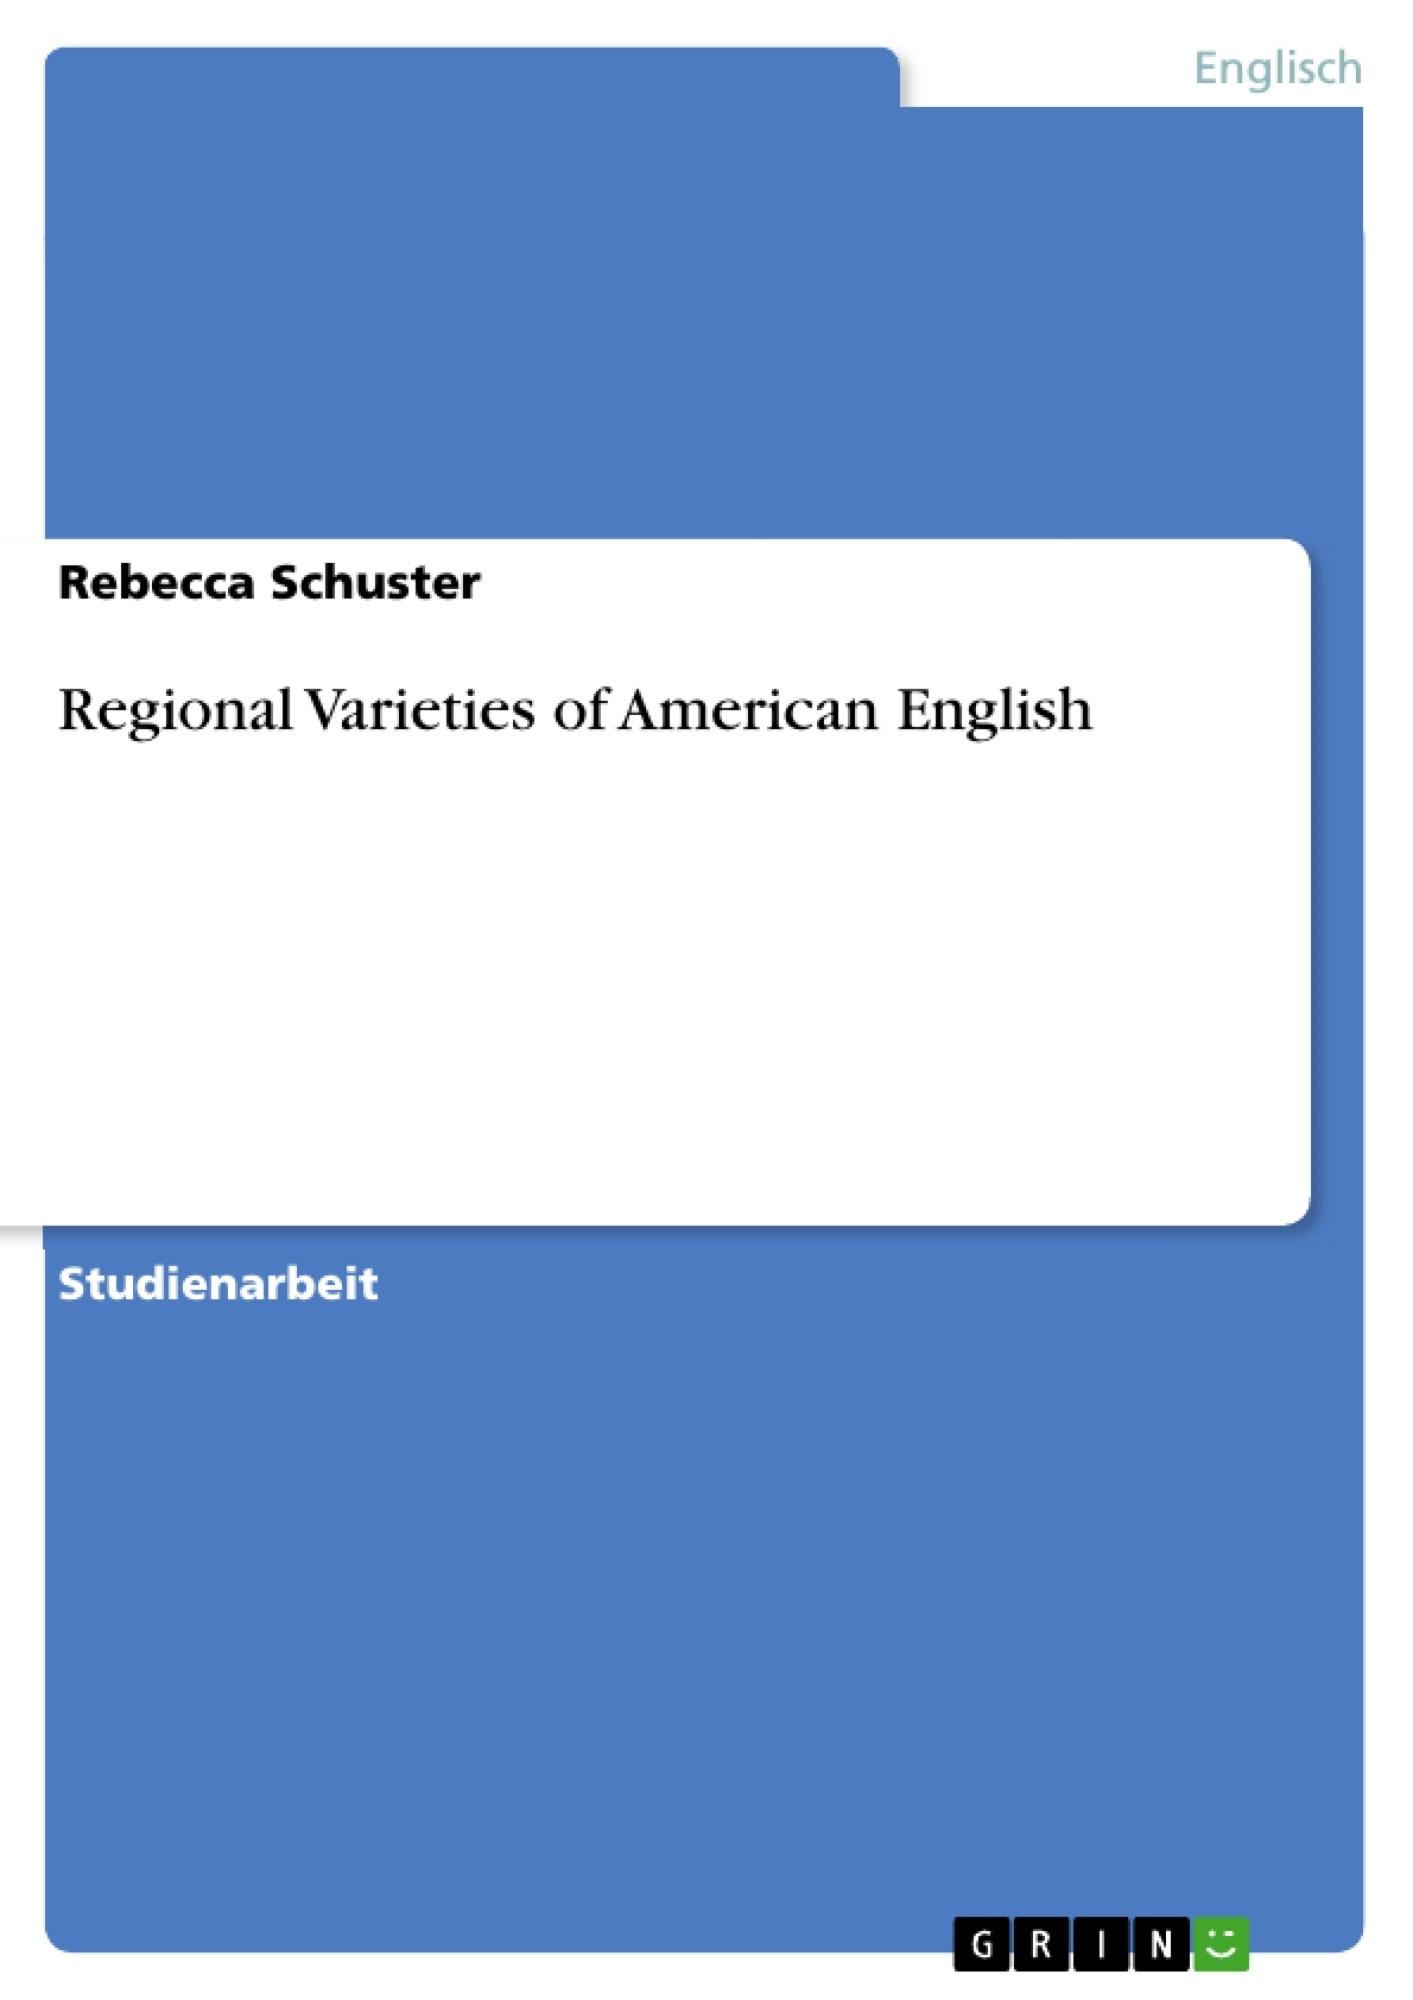 Titel: Regional Varieties of American English